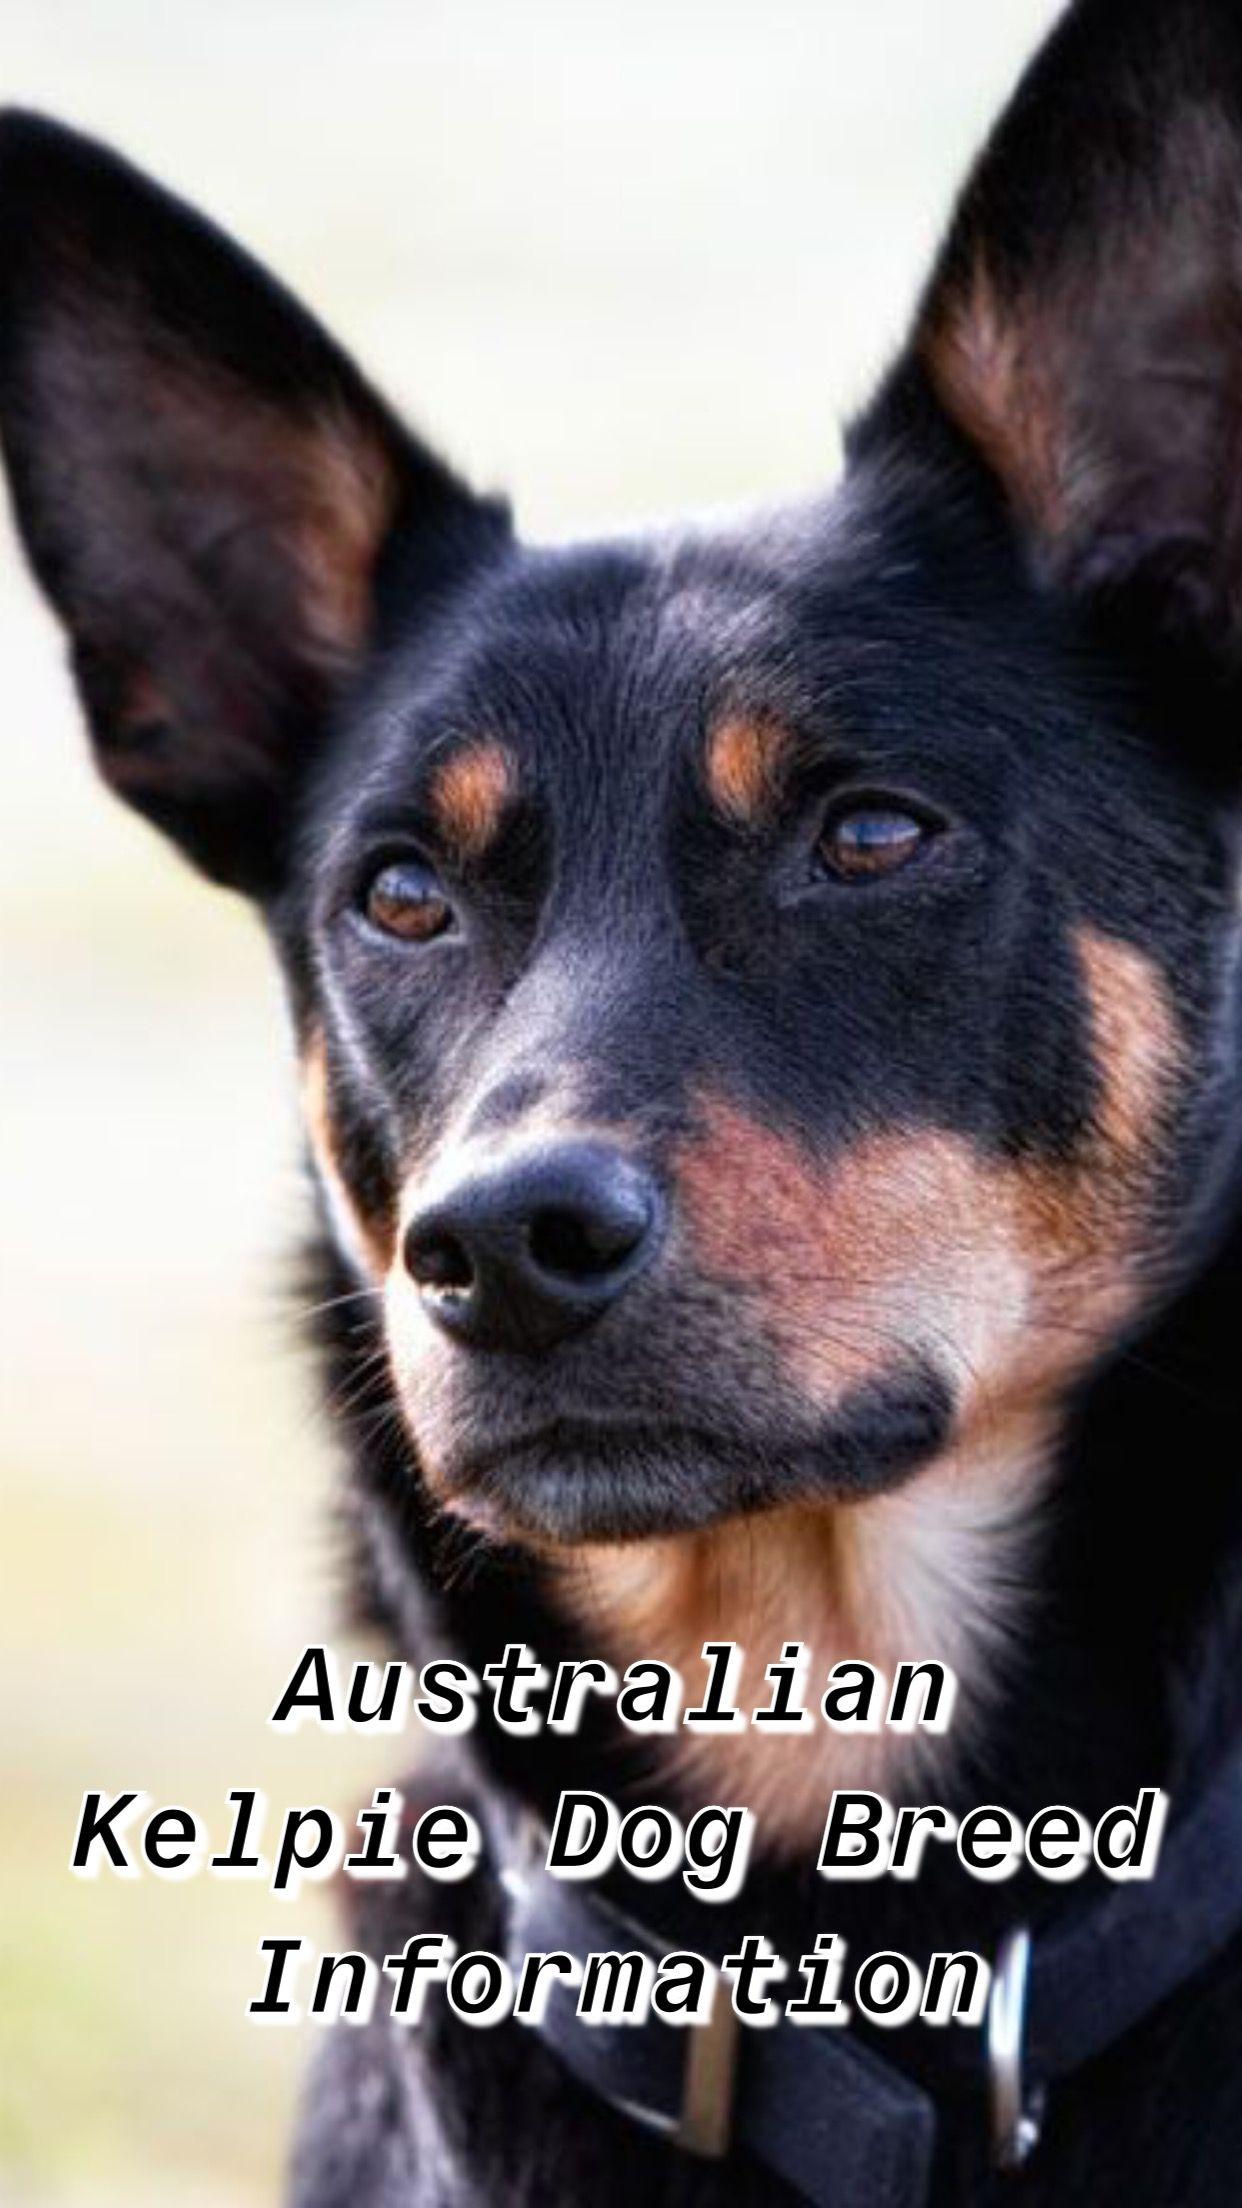 Australian Kelpie Dog Breed Information Australian Kelpie Dog Australian Dog Breeds Australian Kelpie